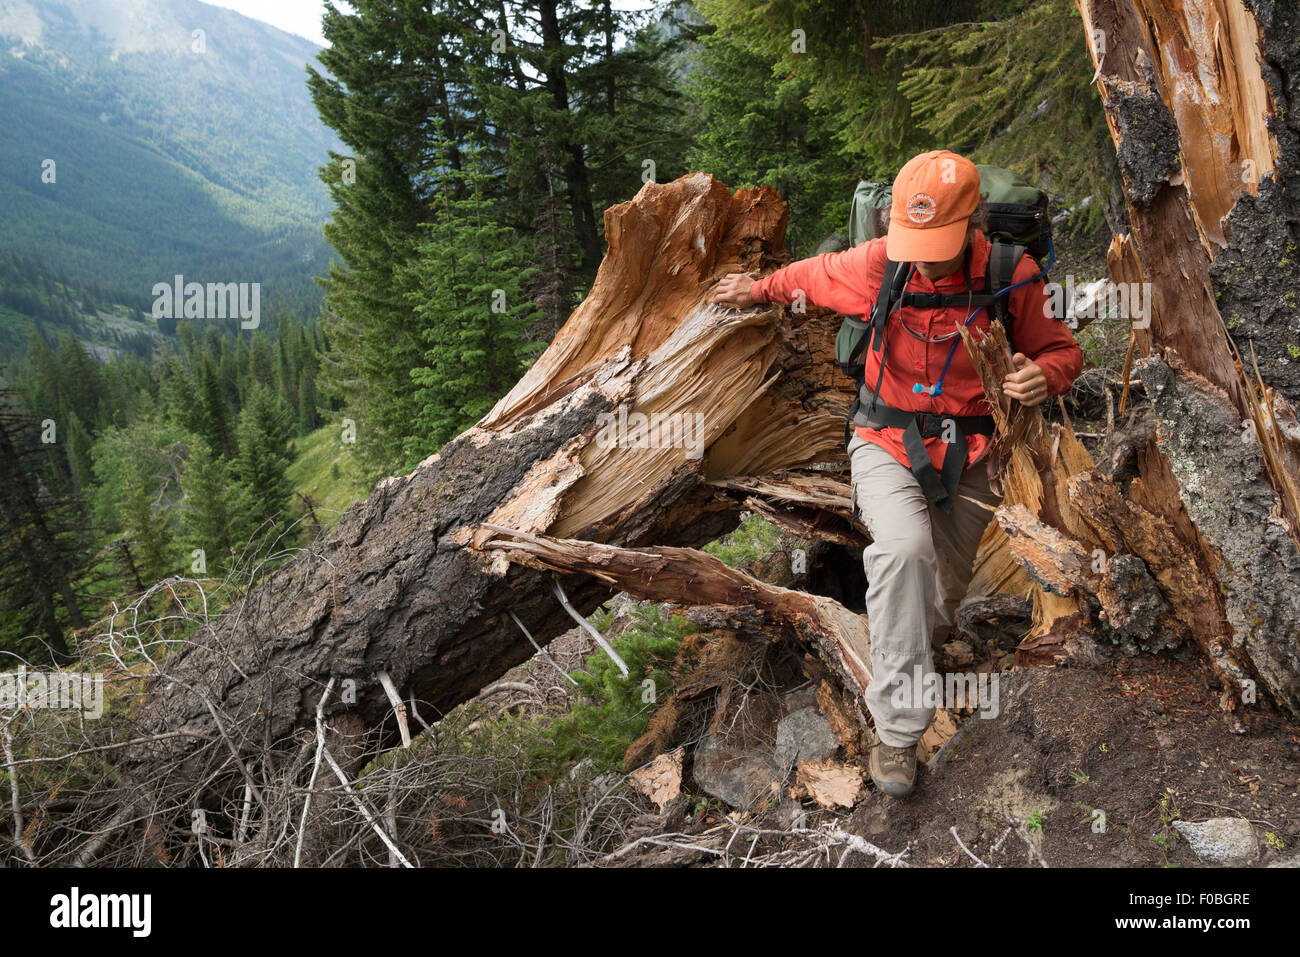 Aound Stock Photos & Aound Stock Images - Alamy